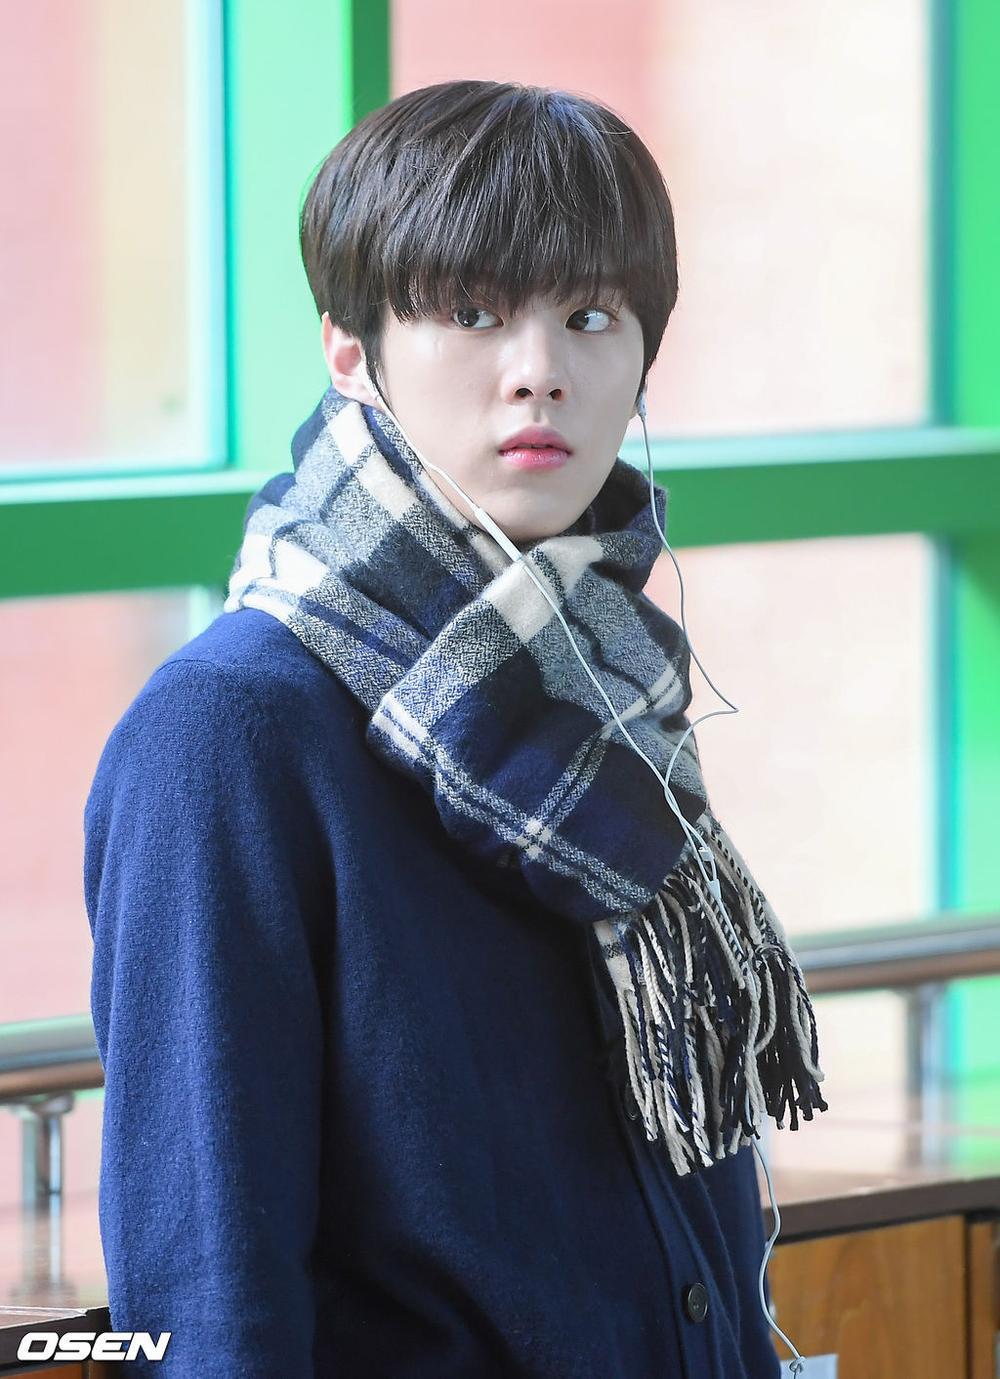 Á quân 'Produce X 101' Kim Woo Seok tựa nam thần trong đồng phục học sinh Ảnh 1